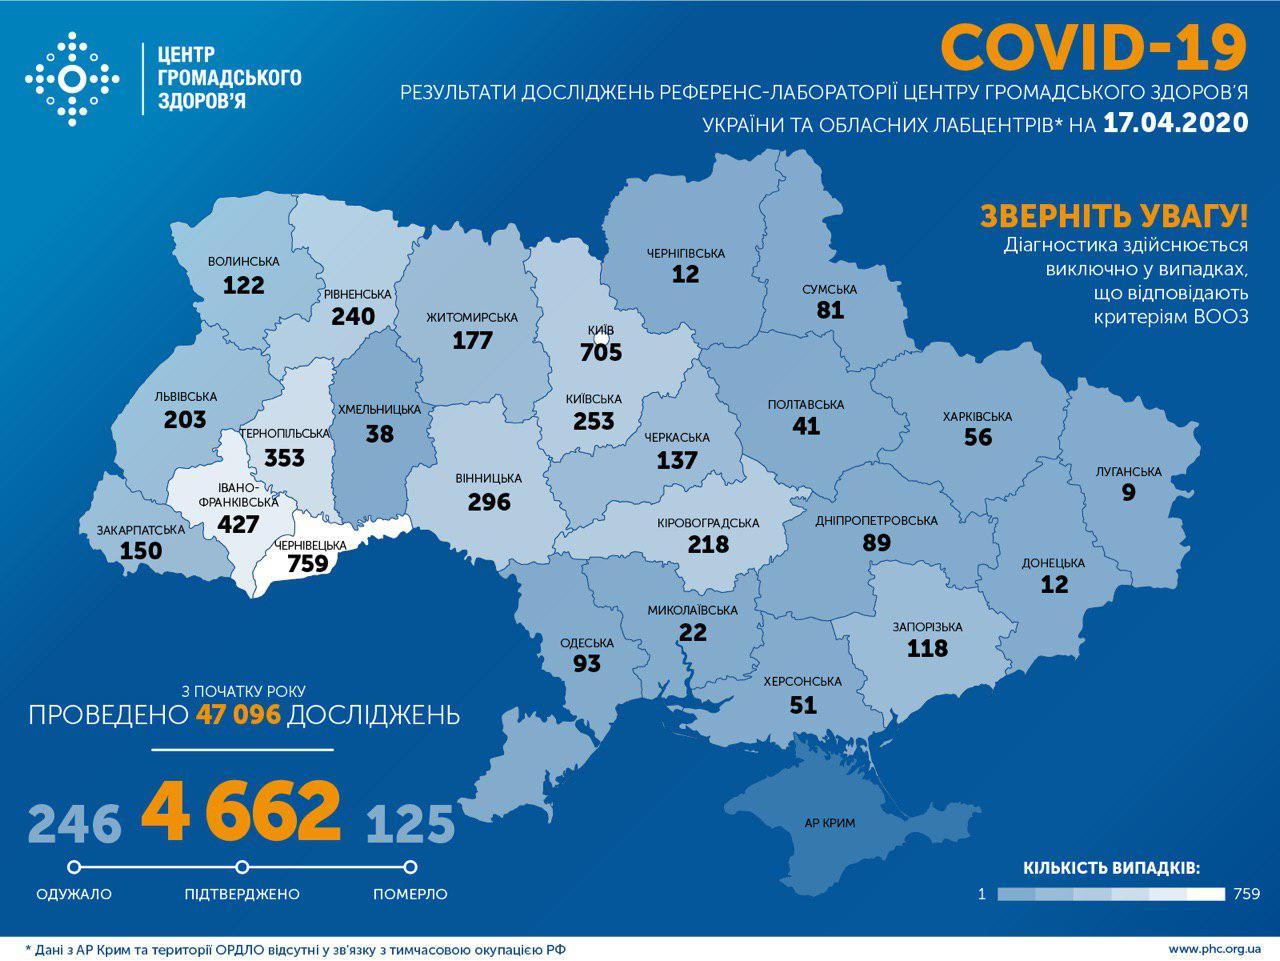 В Україні зафіксовано 4662 випадки коронавірусної хвороби COVID-19